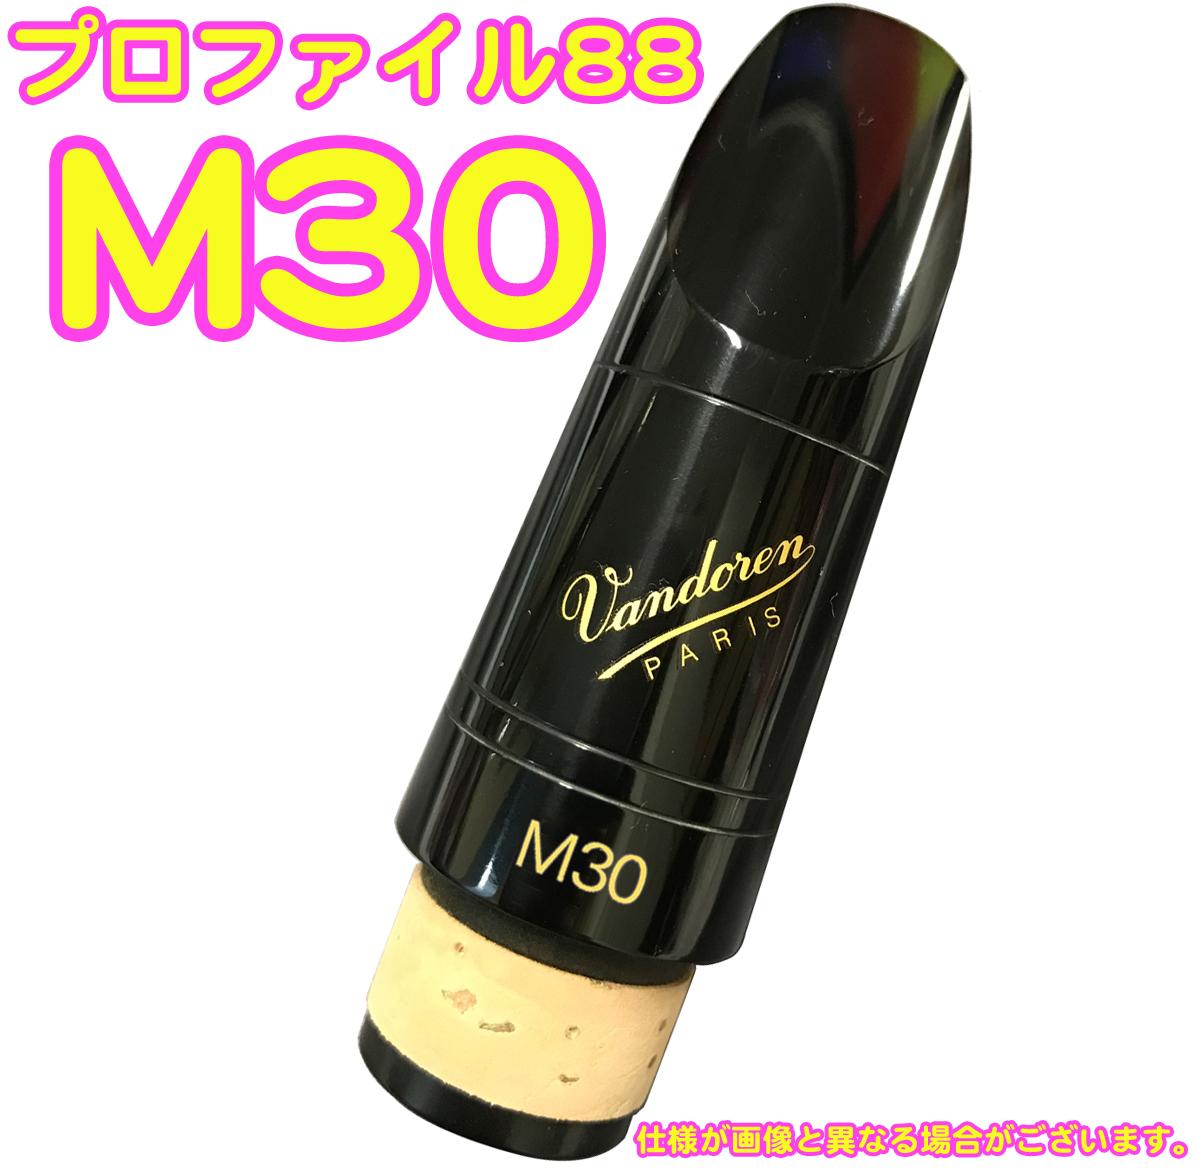 vandoren ( バンドーレン ) CM3188 クラリネット用 マウスピース M30 442Hz B♭ プロファイル88 シリーズ ブラック エボナイト 木管楽器 樹脂製 Mouthpieces